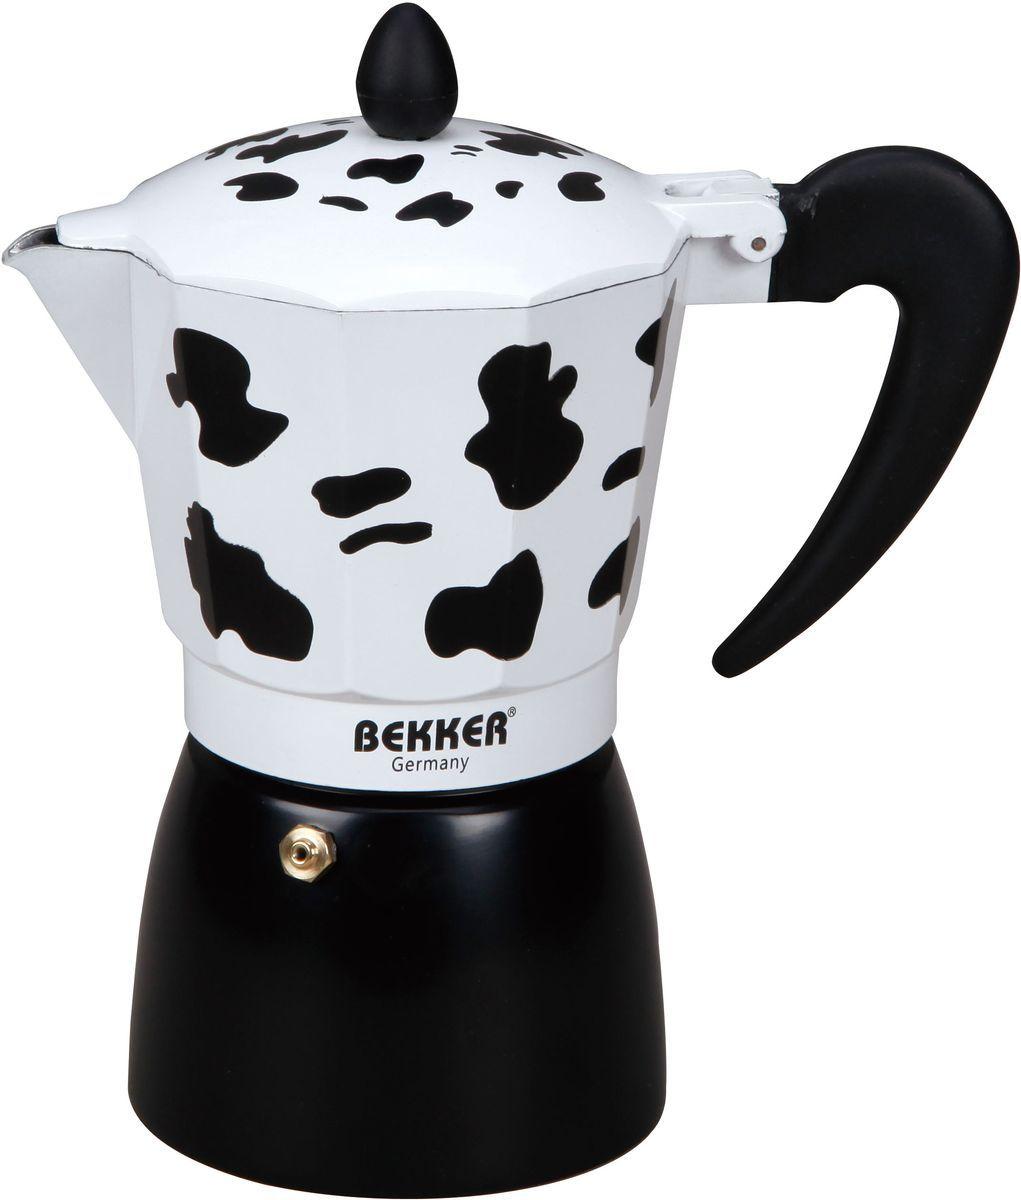 Кофеварка гейзерная Bekker, 300 мл. BK-9354BK-9354Гейзерная кофеварка Bekker позволит вам приготовить ароматный напиток за короткое время. Корпус кофеварки изготовлен из высококачественного алюминия. Кофеварка состоит из двух соединенных между собой емкостей и снабжена алюминиевым фильтром. Удобная ручка выполнена из прочного пластика.Данная модель предельно проста в использовании, в ней отсутствуют подвижные части и нагревательные элементы, поэтому в ней нечему ломаться. Гейзерные кофеварки являются самыми популярными в мире и позволяют приготовить ароматный кофе за считанные минуты.Основной принцип действия гейзерной кофеварки состоит в том, что напиток заваривается путем прохождения горячей воды через слой молотого кофе. В нижнюю часть гейзерной кофеварки заливается вода, в промежуточную часть засыпается молотый кофе, кофеварка ставится на огонь или электрическую плиту. Закипая, вода начинает испаряться и превращается в пар. Избыточное давление пара в нижней части кофеварки выдавливает горячую воду через молотый кофе и подобно небольшому гейзеру попадает в верхний отсек, где и собирается в готовый кофе. Время приготовления в гейзерной кофеварке составляет примерно 5 минут.